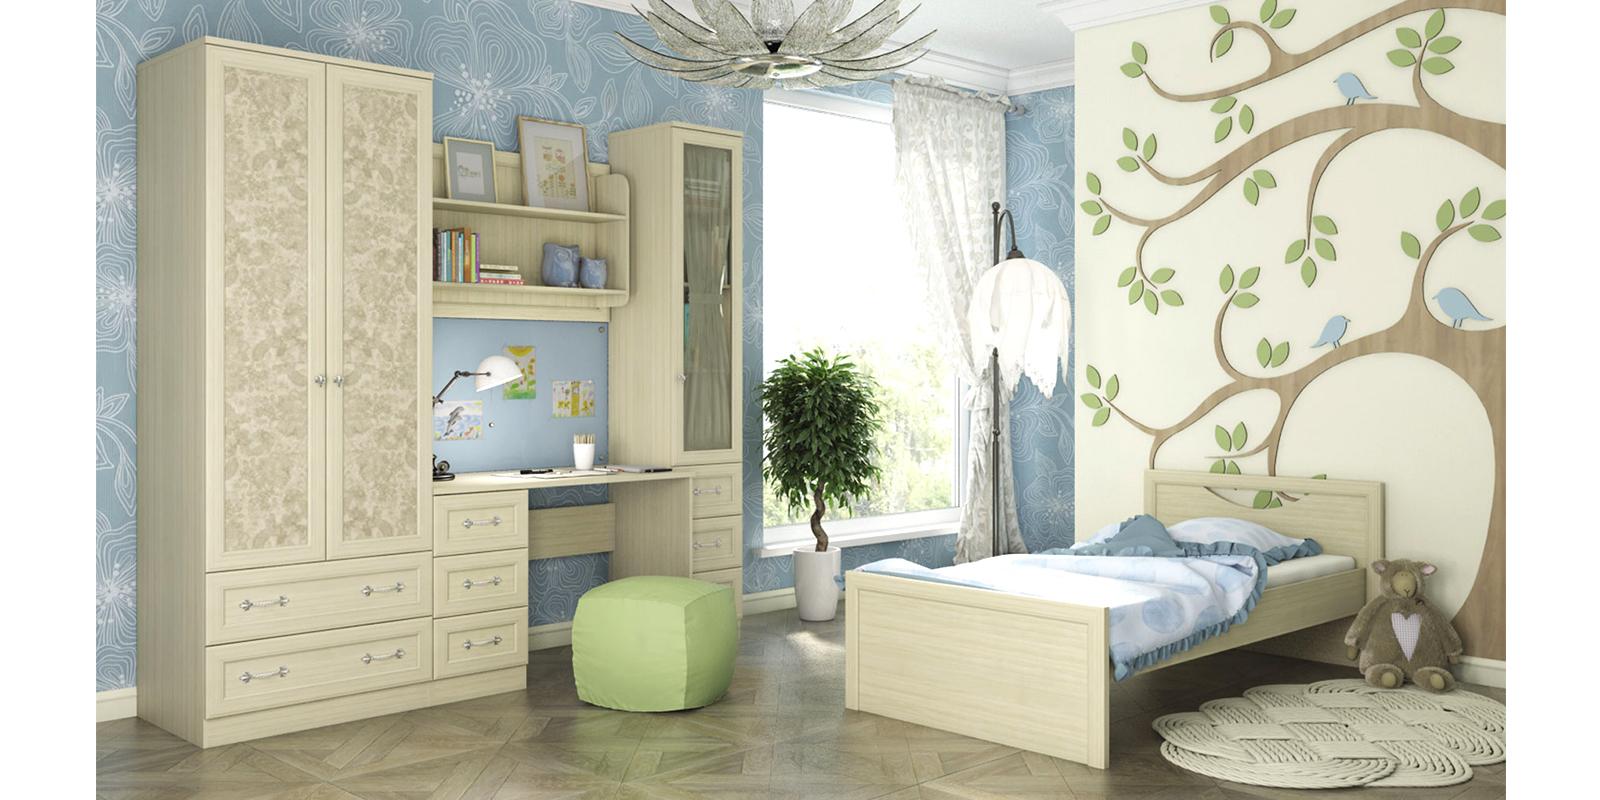 Модульная детская Дениз вариант №2 (дуб молочный/мейсен ваниль) от HomeMe.ru